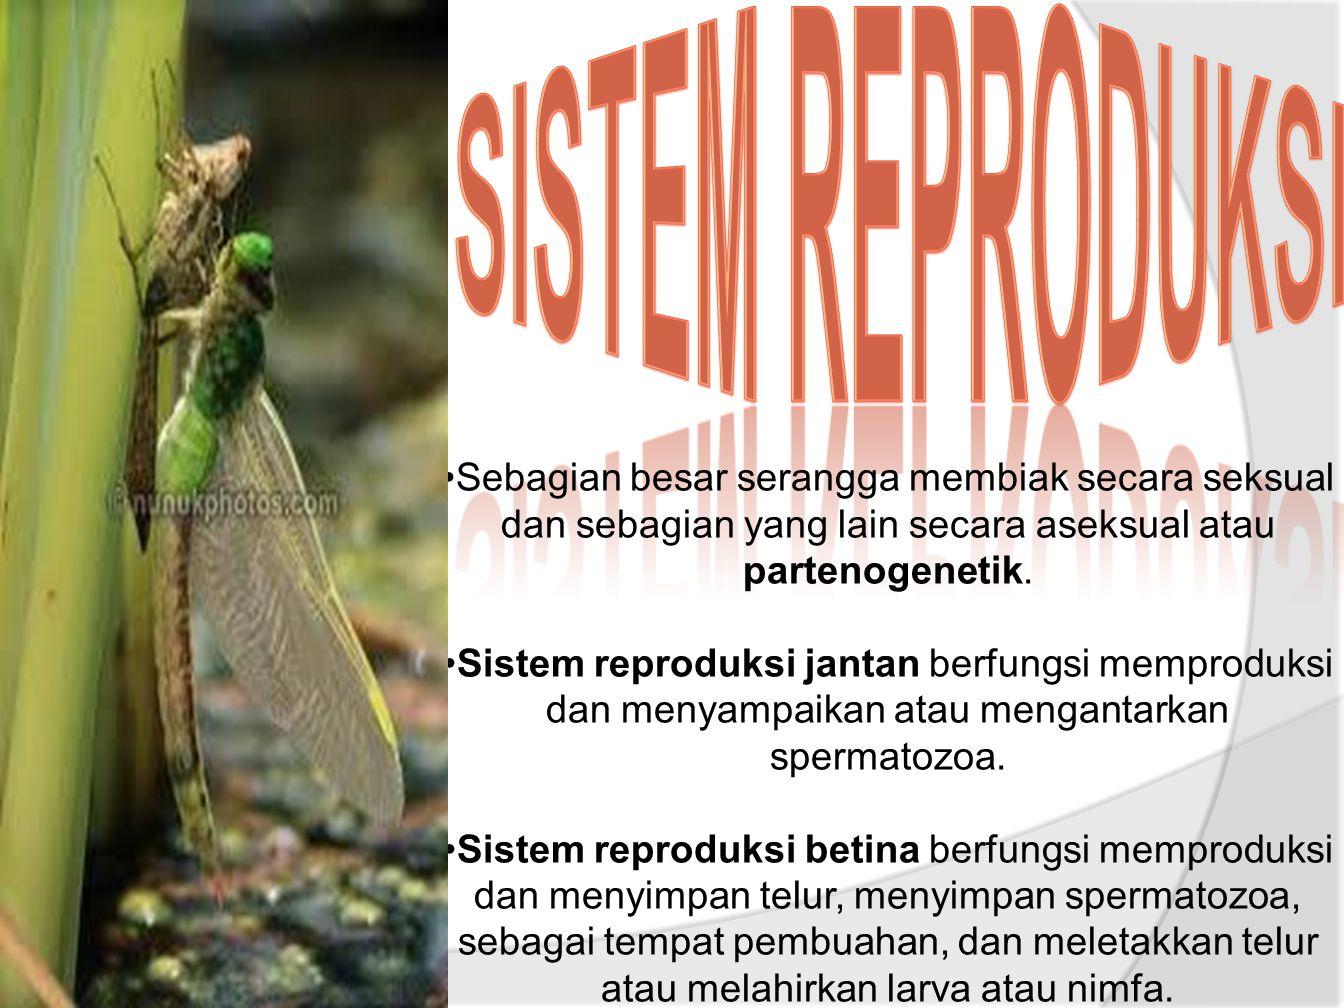 Sistem reproduksi Sebagian besar serangga membiak secara seksual dan sebagian yang lain secara aseksual atau partenogenetik.